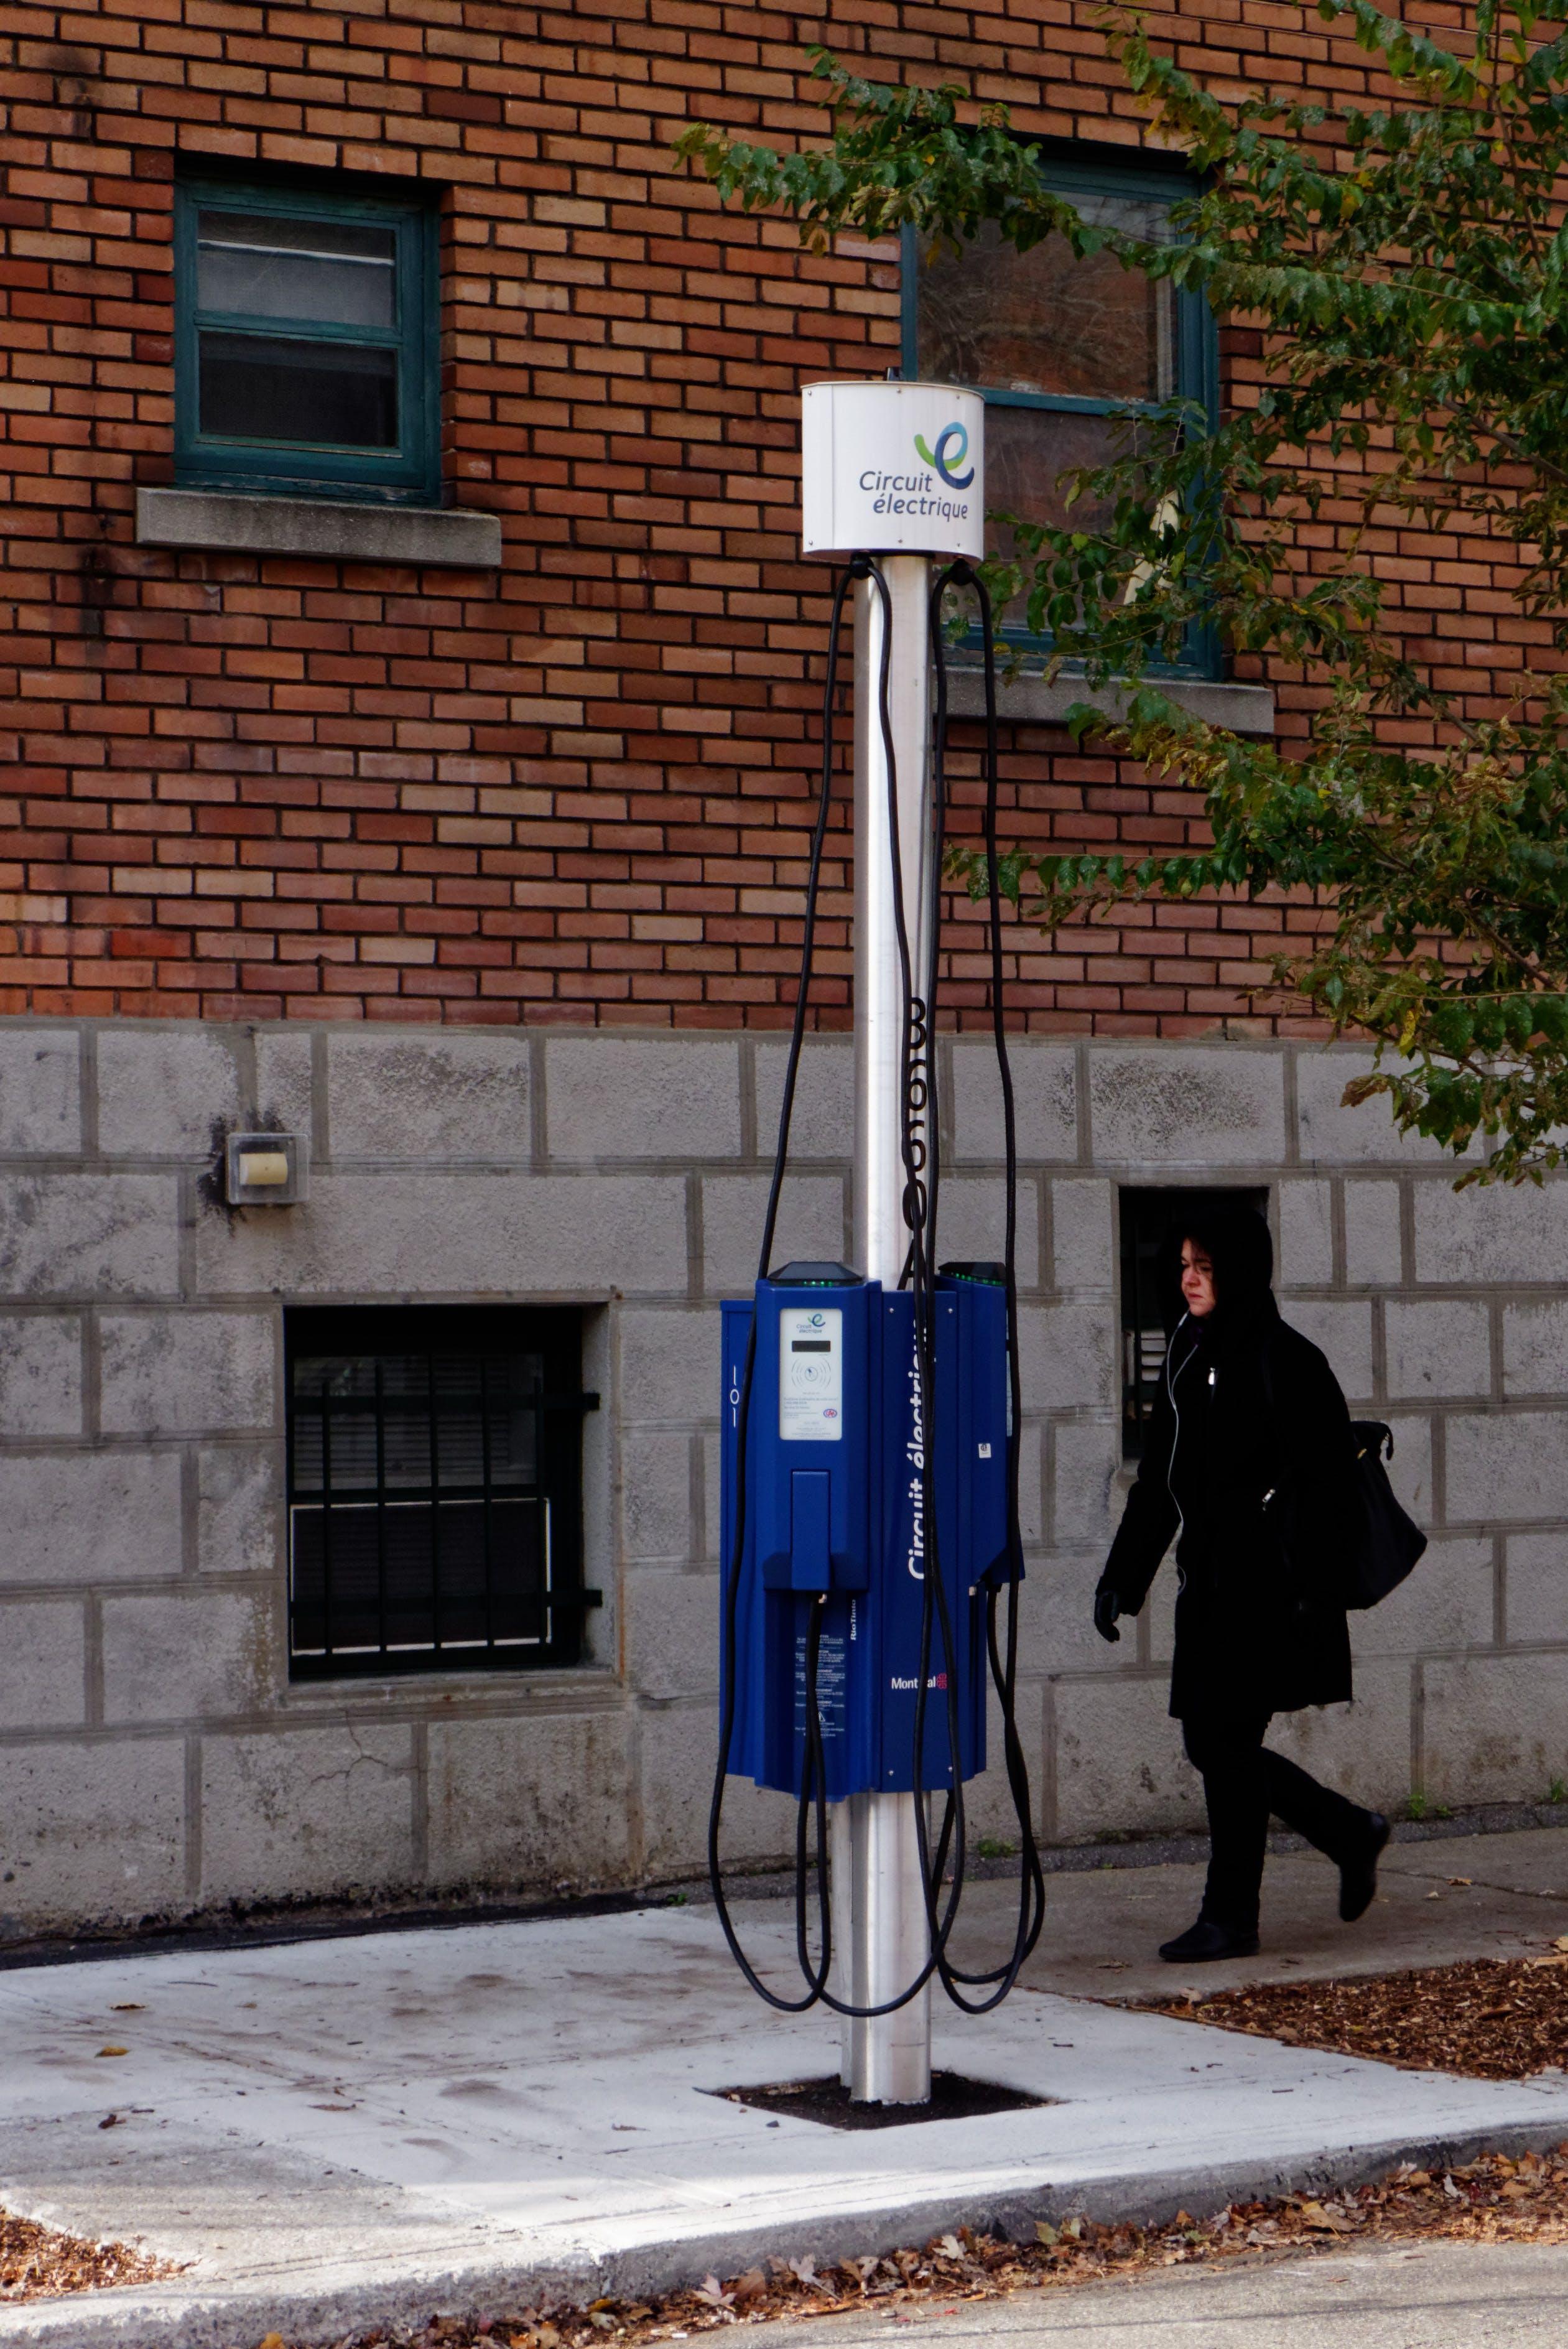 Borne de recharge dans une rue de Montréal